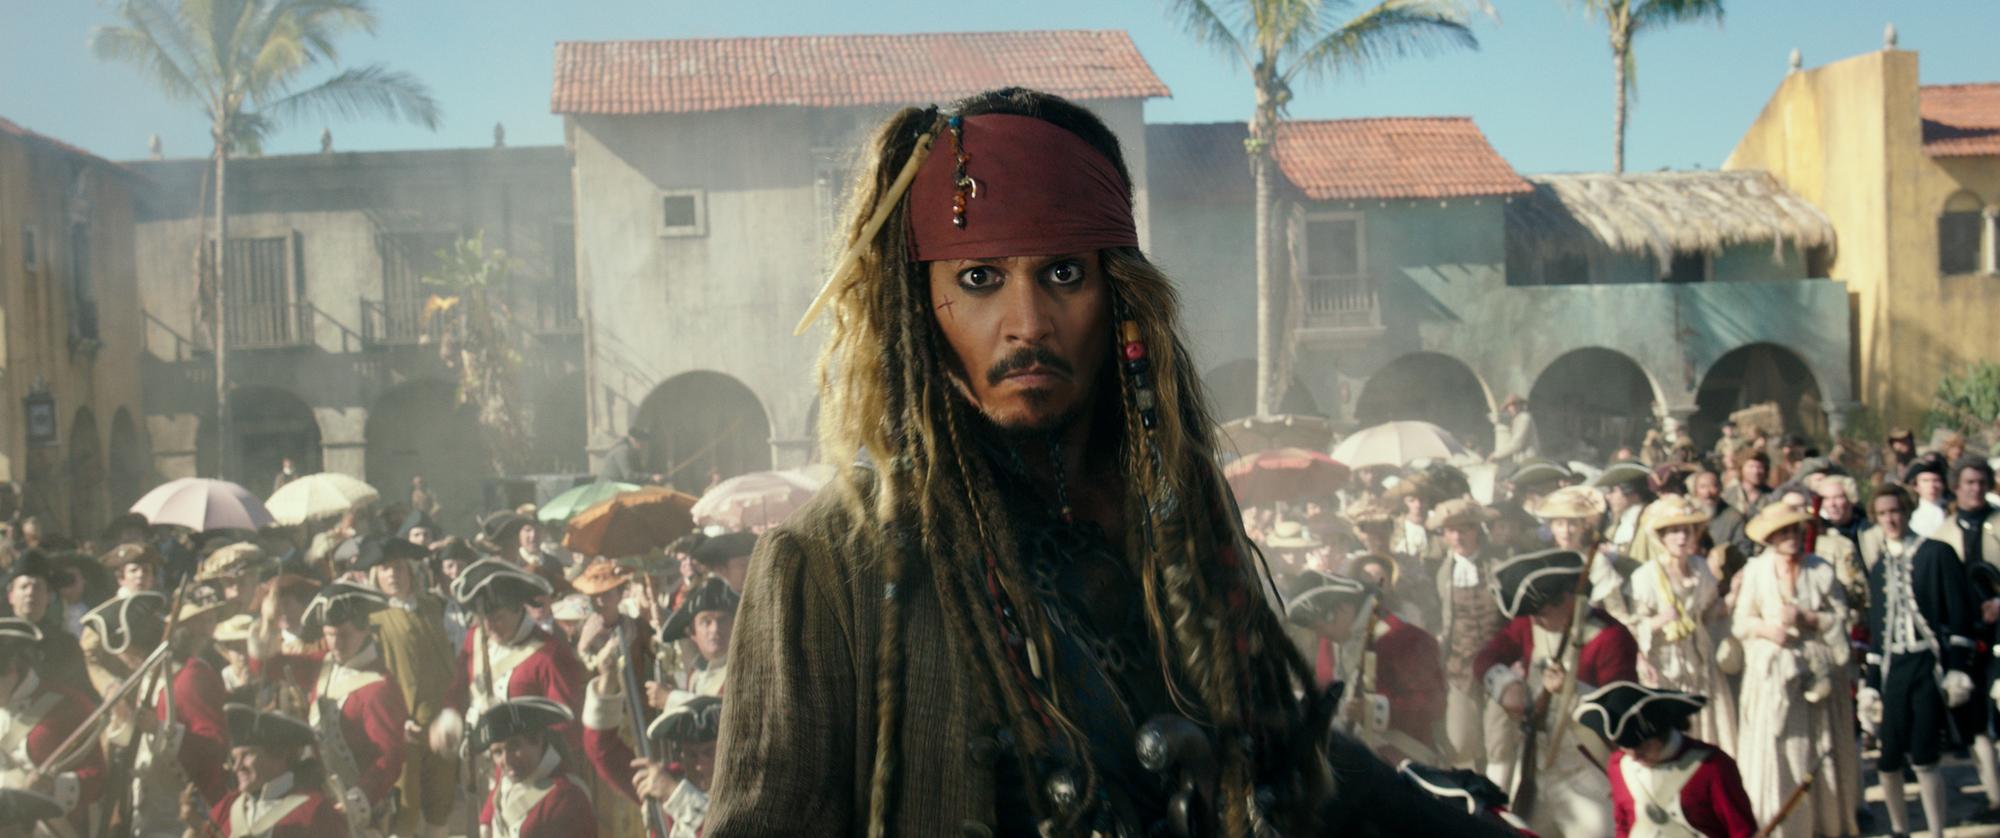 Piráti z Karibiku: Kdo taky mohl hrát Jacka Sparrowa namísto Deppa | Fandíme filmu